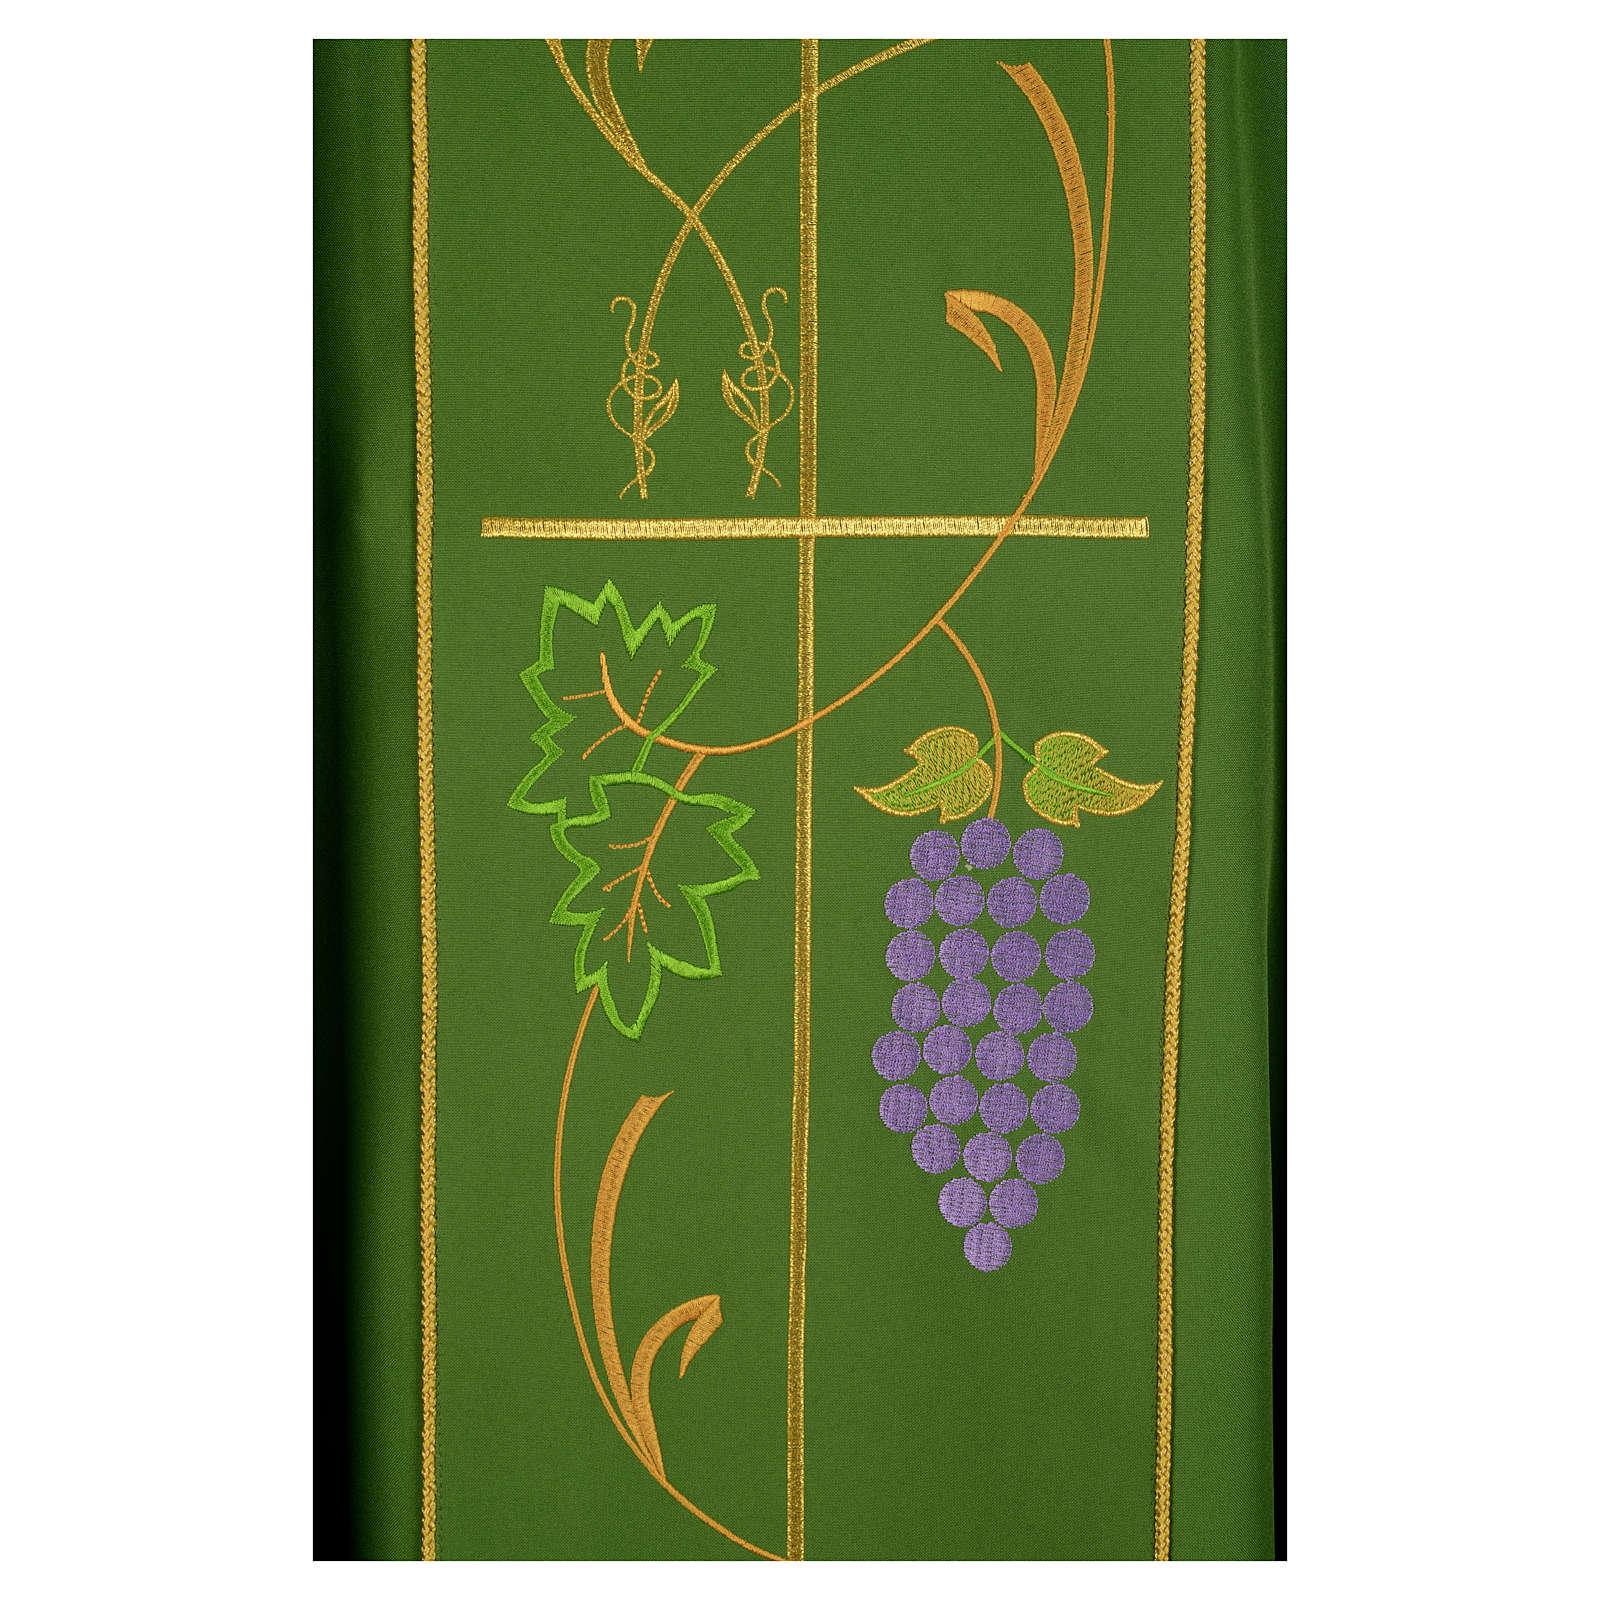 Casula litúrgica 100% poliéster Chi-Rho uva trigo 4